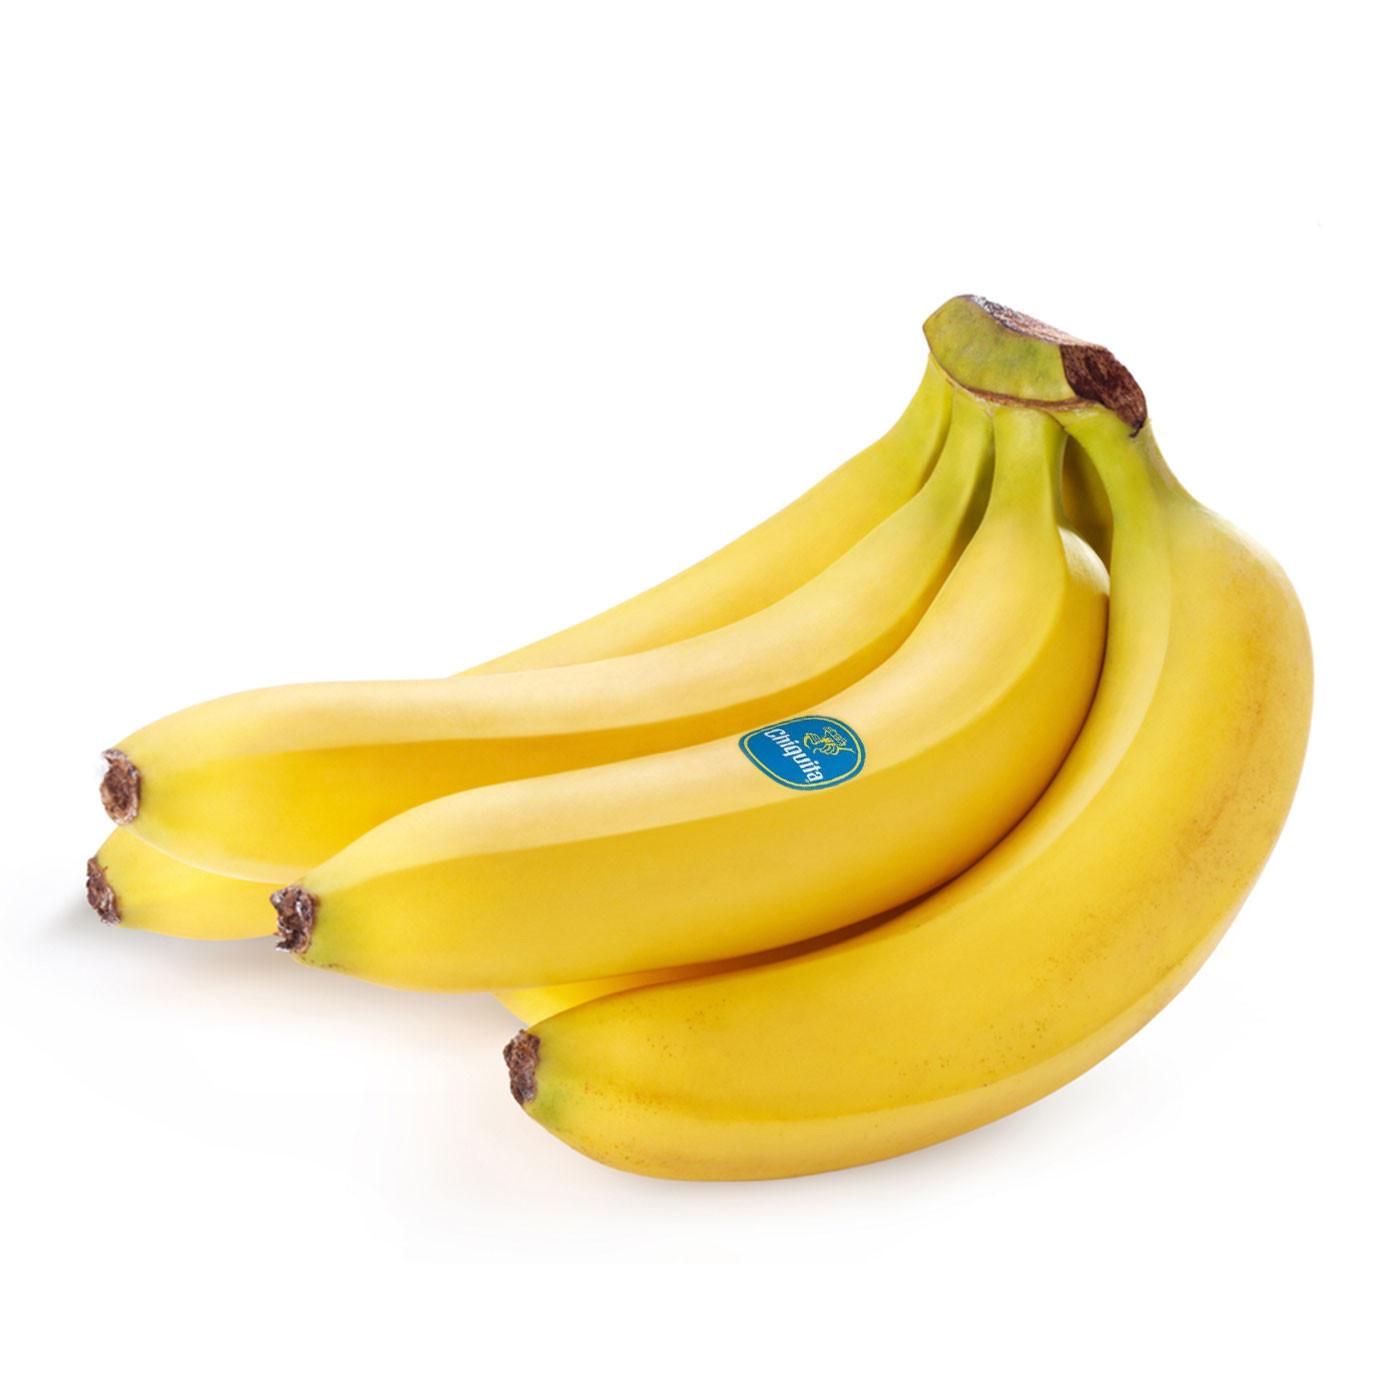 Μπανάνες Chiquita Κόστα Ρίκα